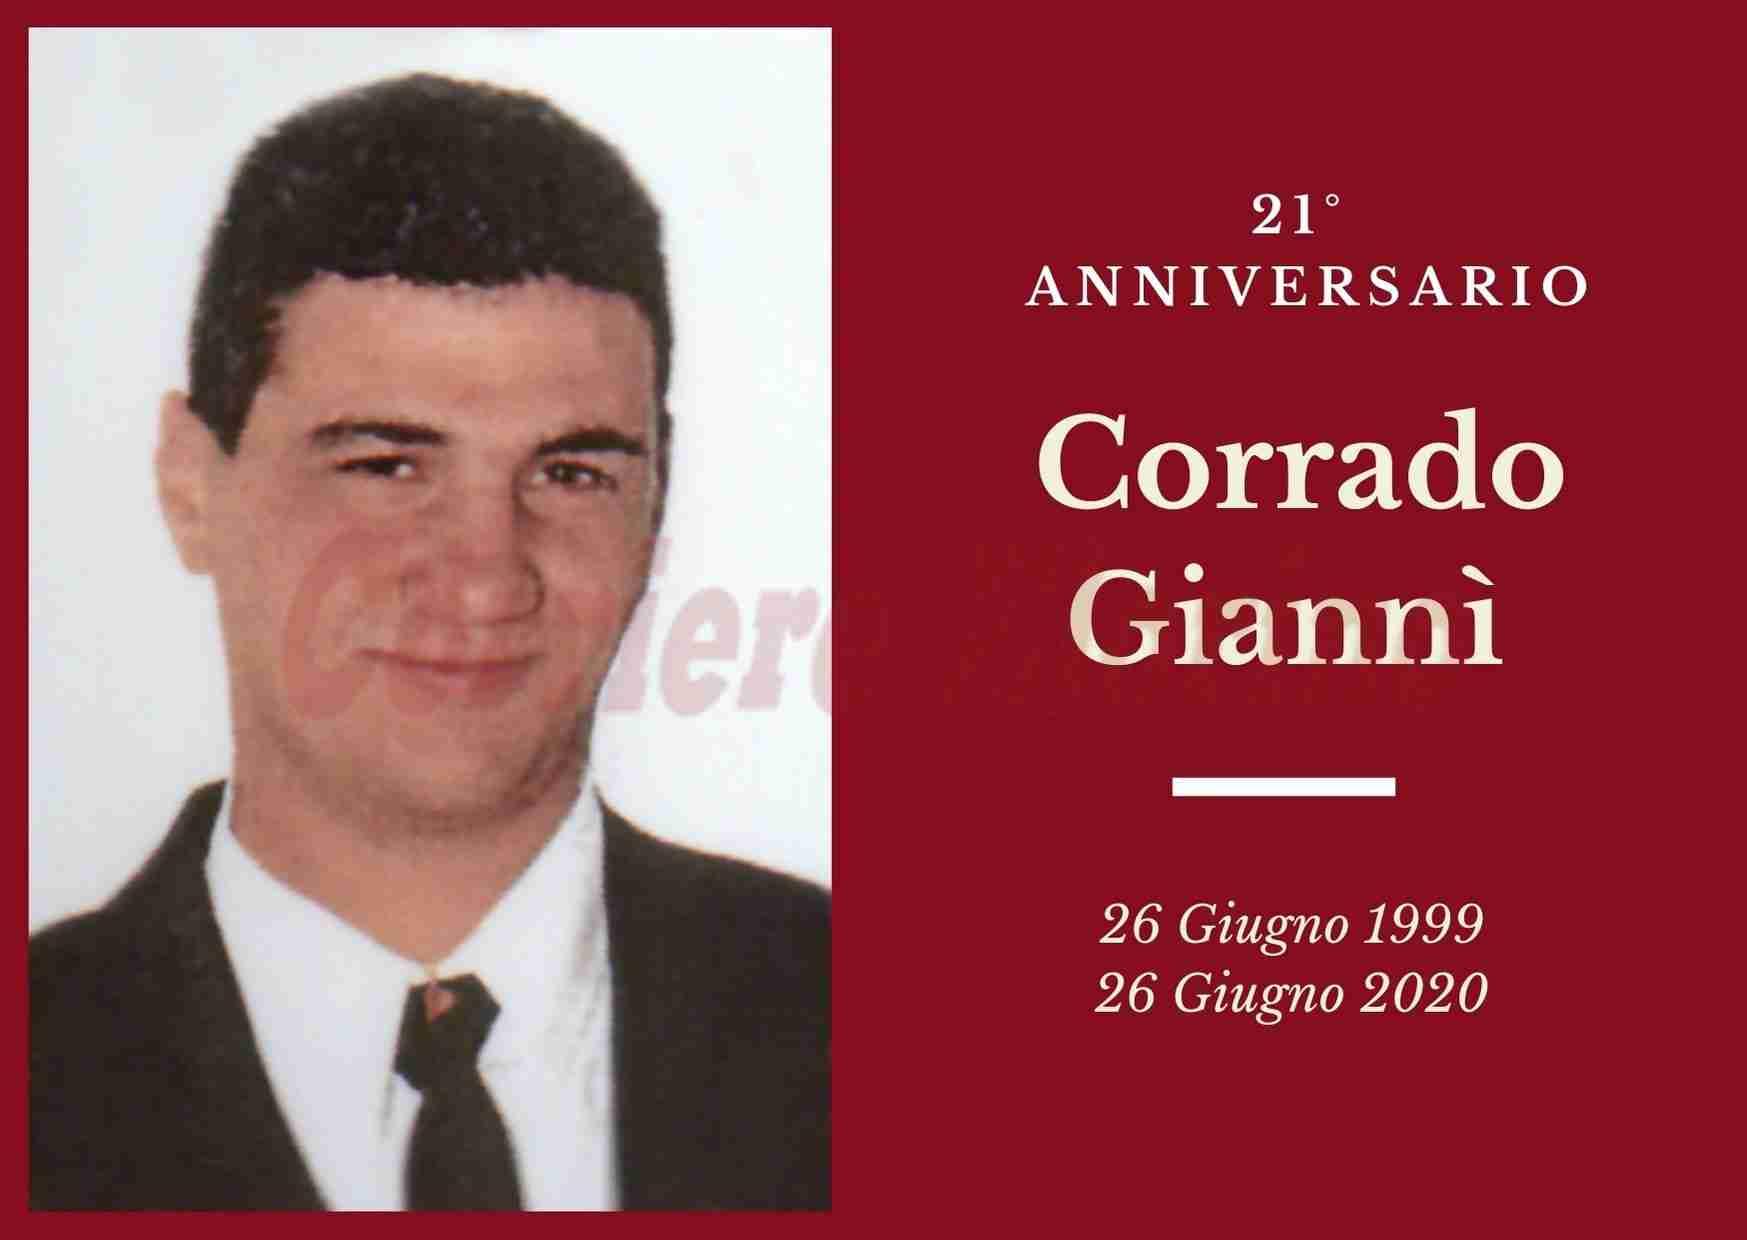 Necrologio: ricorre oggi il 21° Anniversario di Corrado Giannì